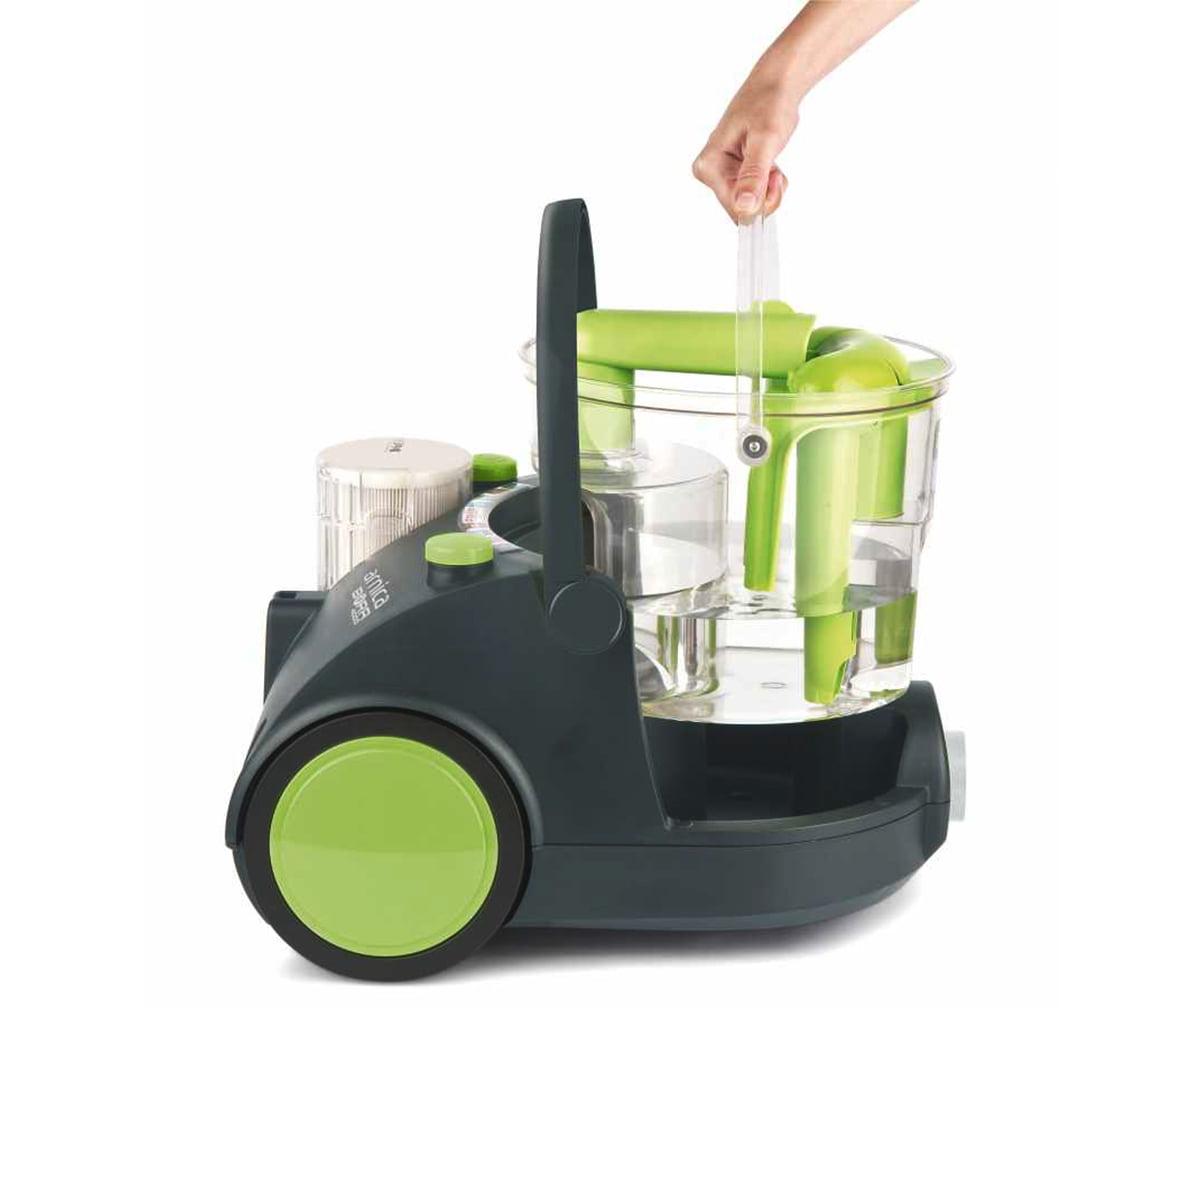 Usisivač sa vodenim filterom - Bora 4000 1